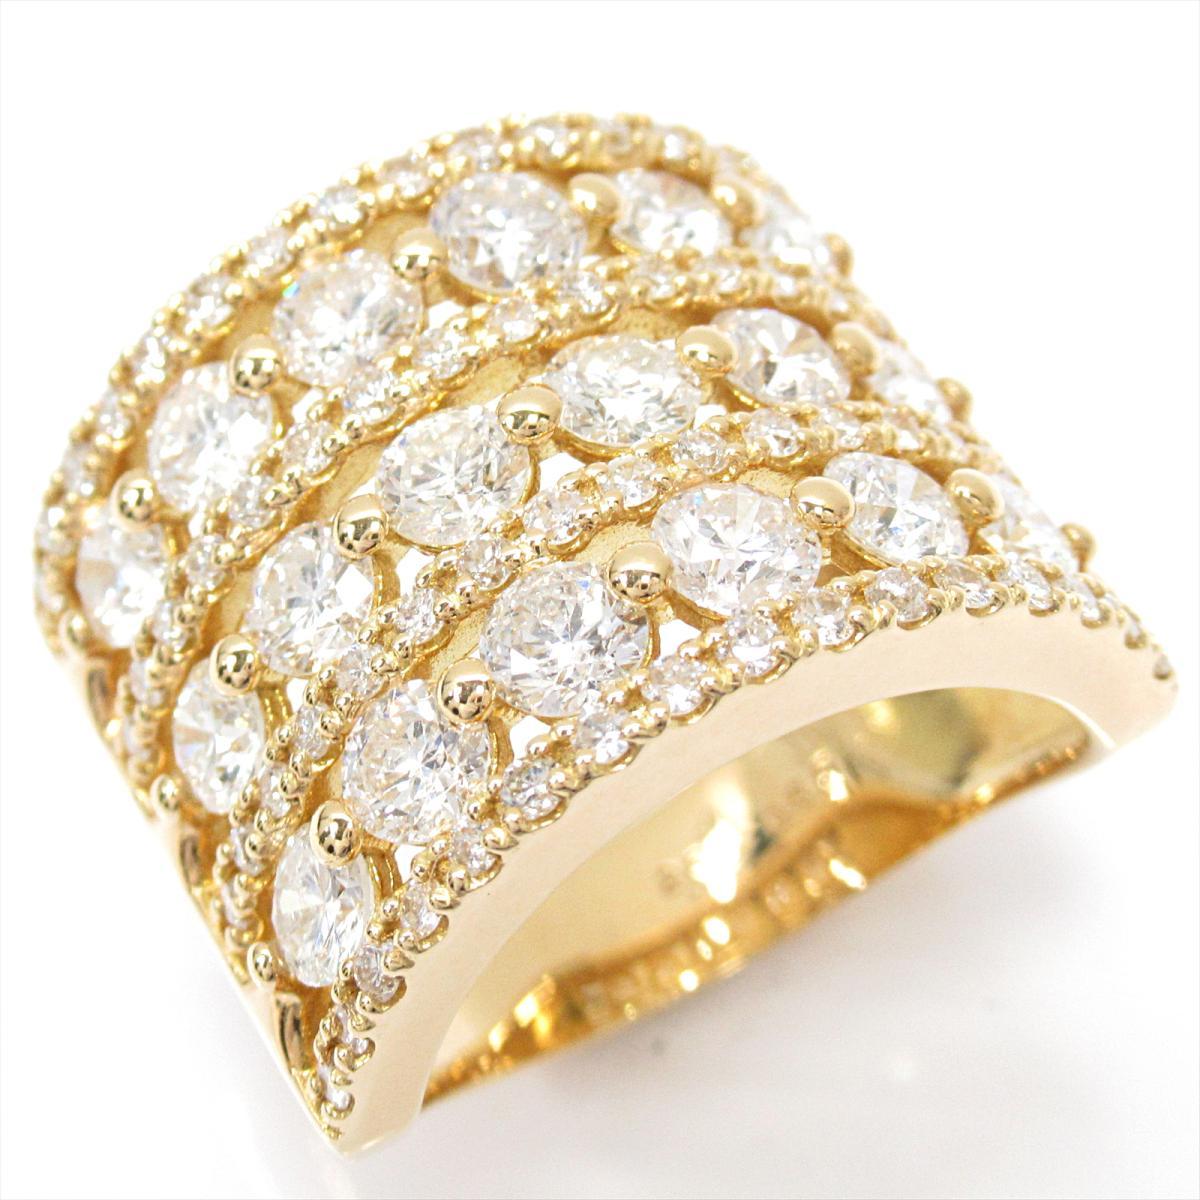 ジュエリー ダイヤモンドリング 指輪 ノーブランドジュエリー レディース K18YG (750) イエローゴールドxダイヤモンド (2.65   JEWELRY BRANDOFF ブランドオフ アクセサリー リング